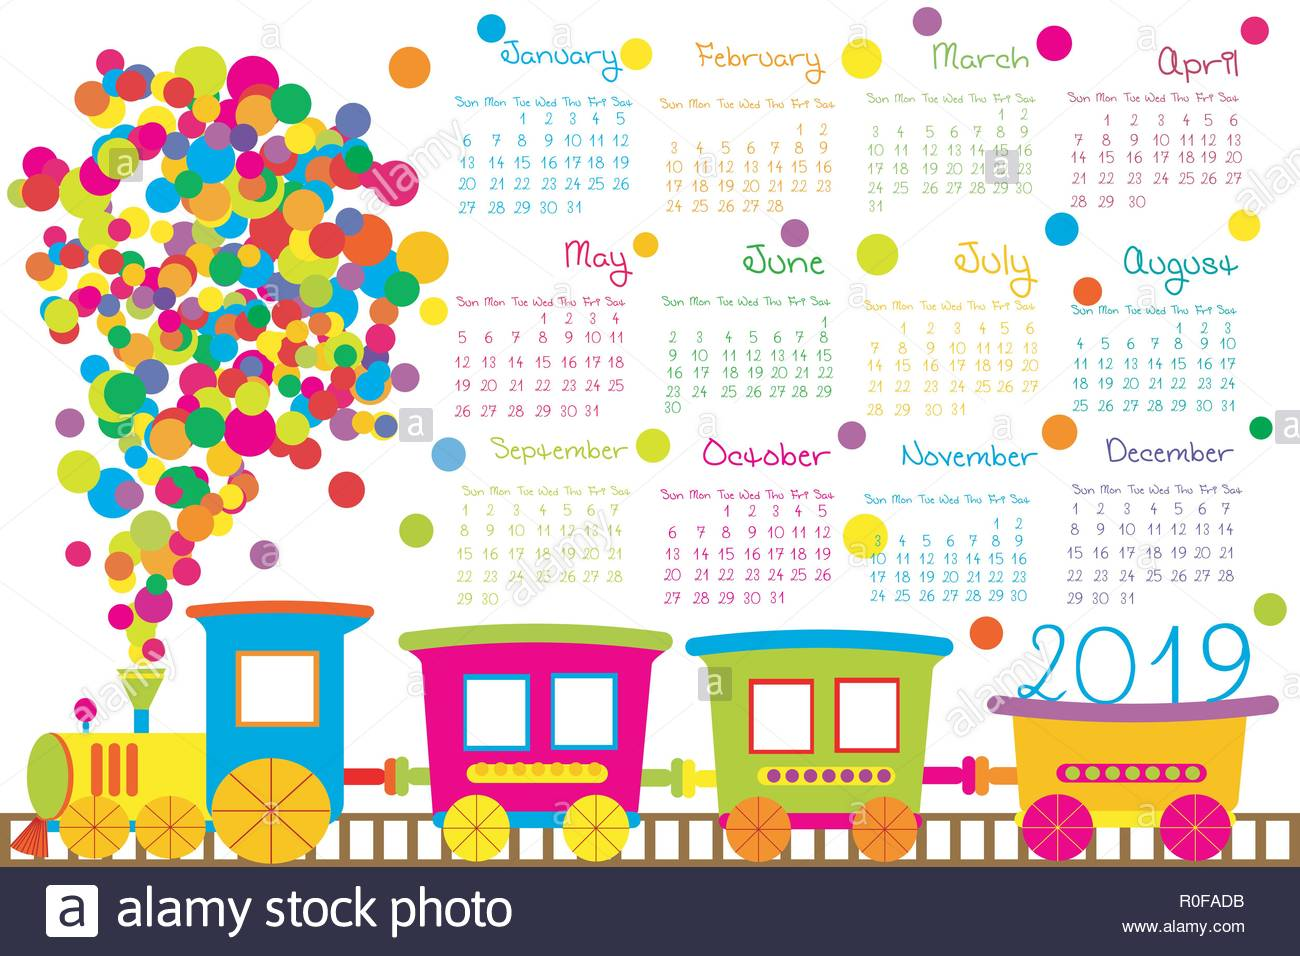 Calendario Dibujo 2019.2019 Calendario Con Tren De Dibujos Animados Para Ninos